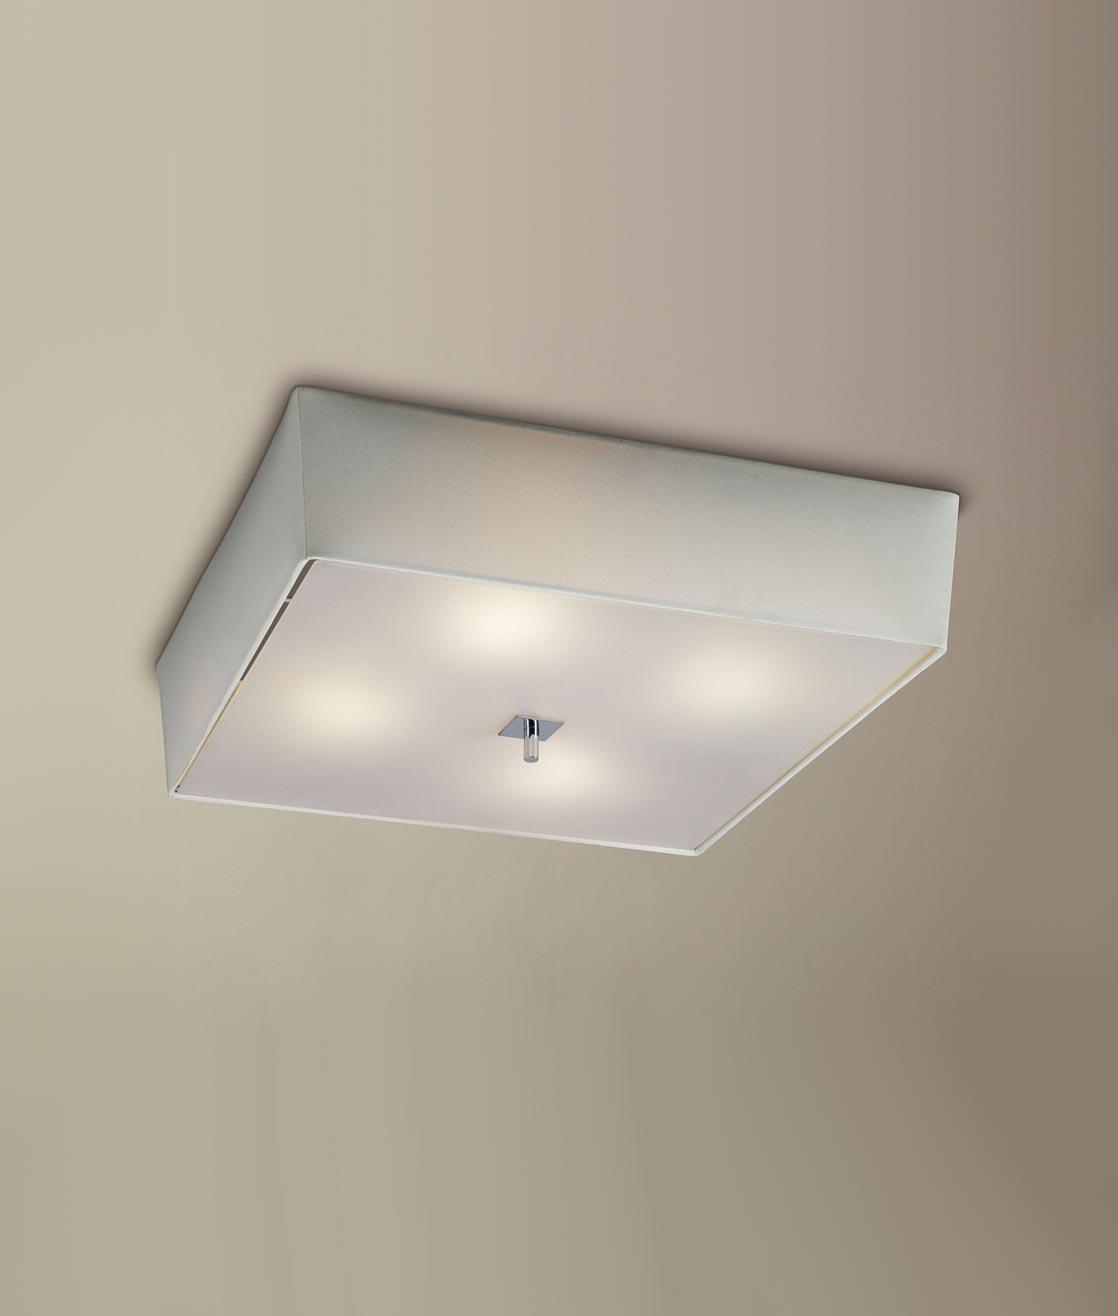 Plafón crema cromo 4 luces AKIRA detalle